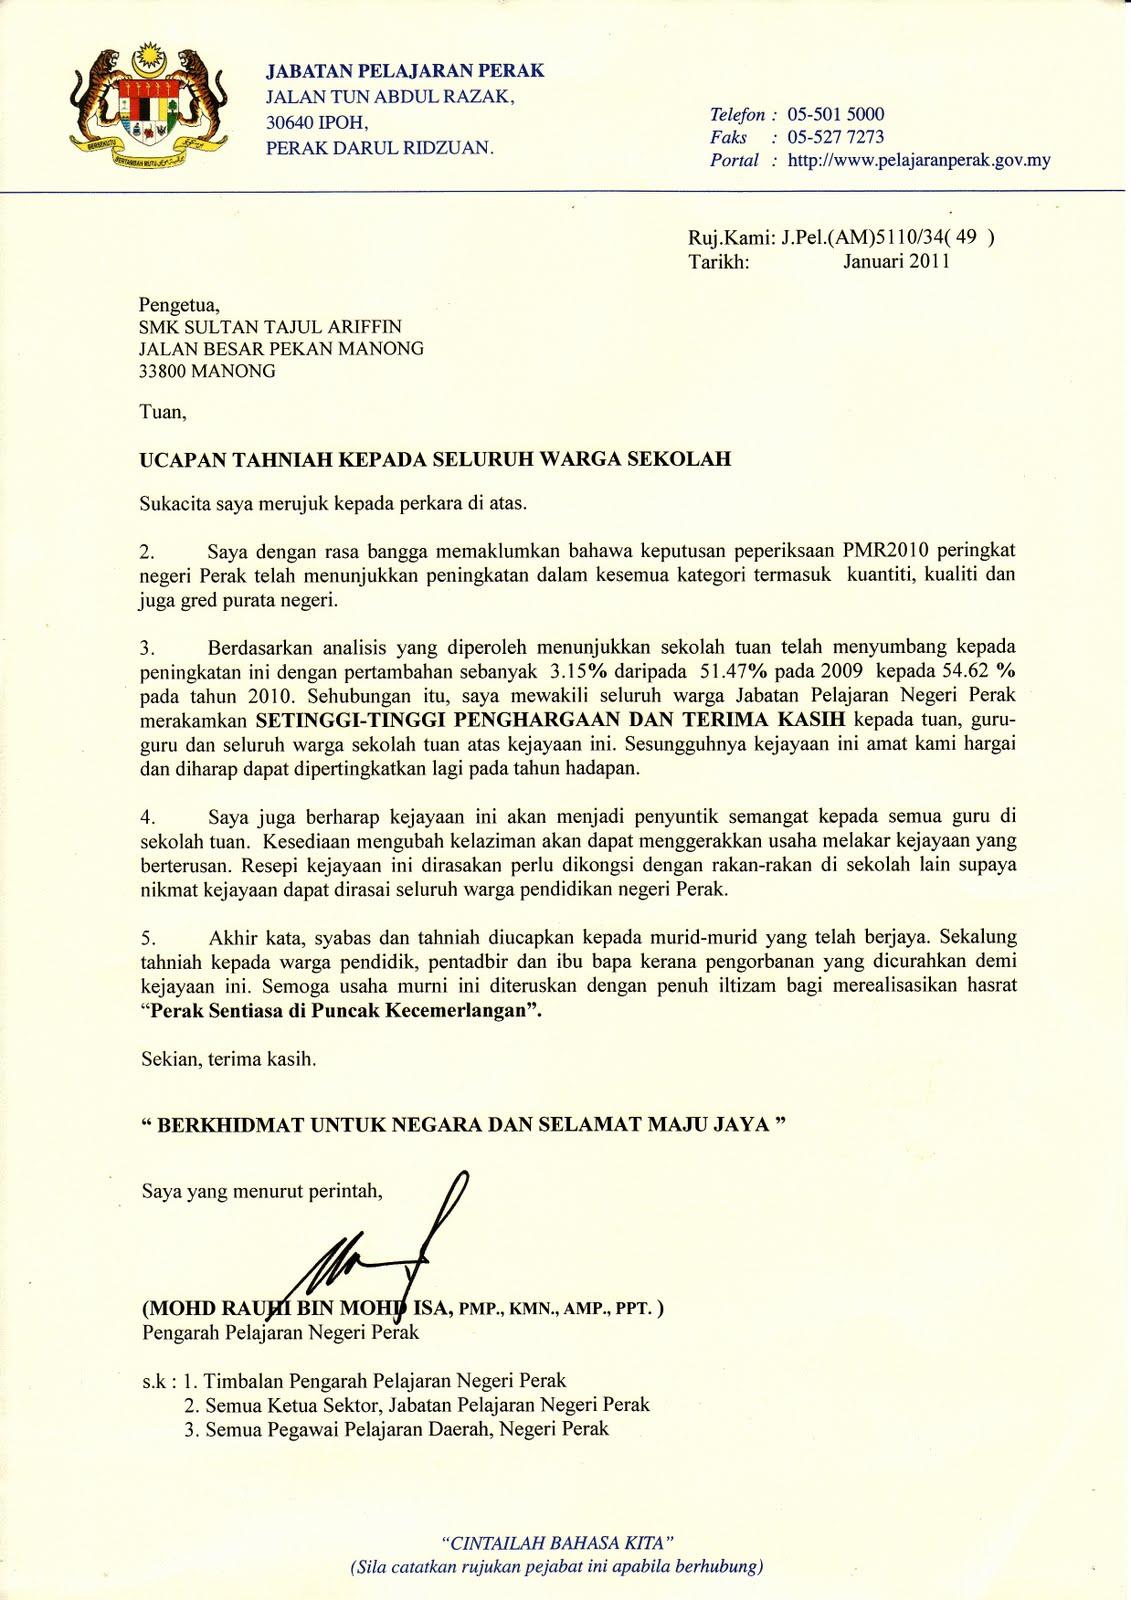 Contoh Surat Rasmi Ucapan Terima Kasih Kepada Menteri